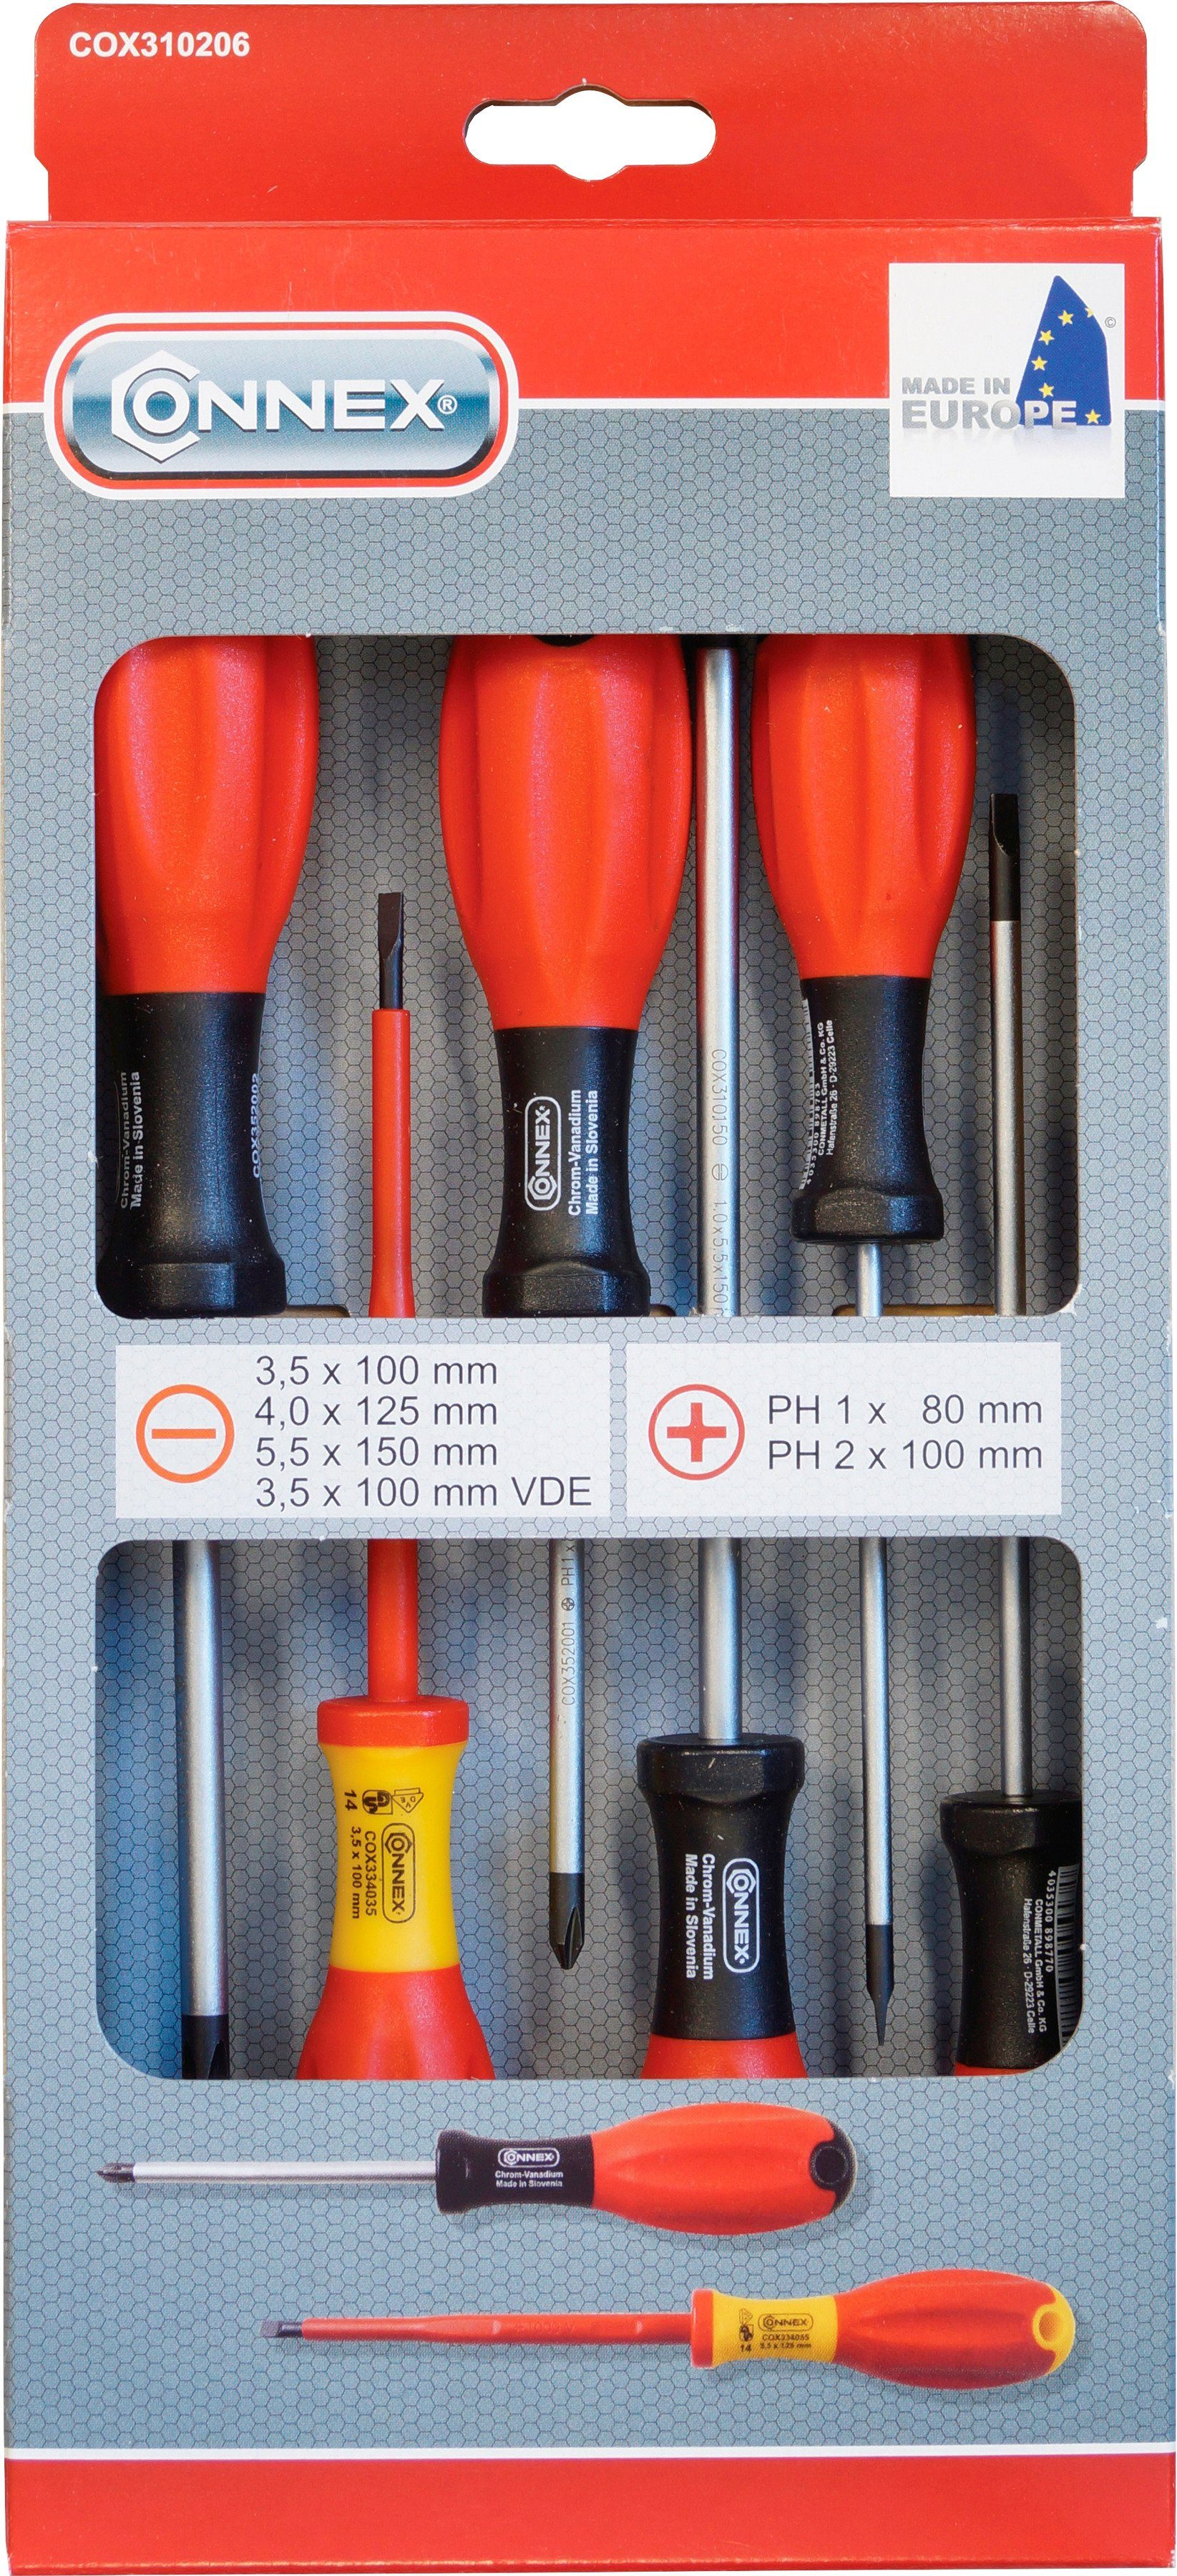 Connex Schraubendrehersatz »COX310206«, 6-tlg, sortiert